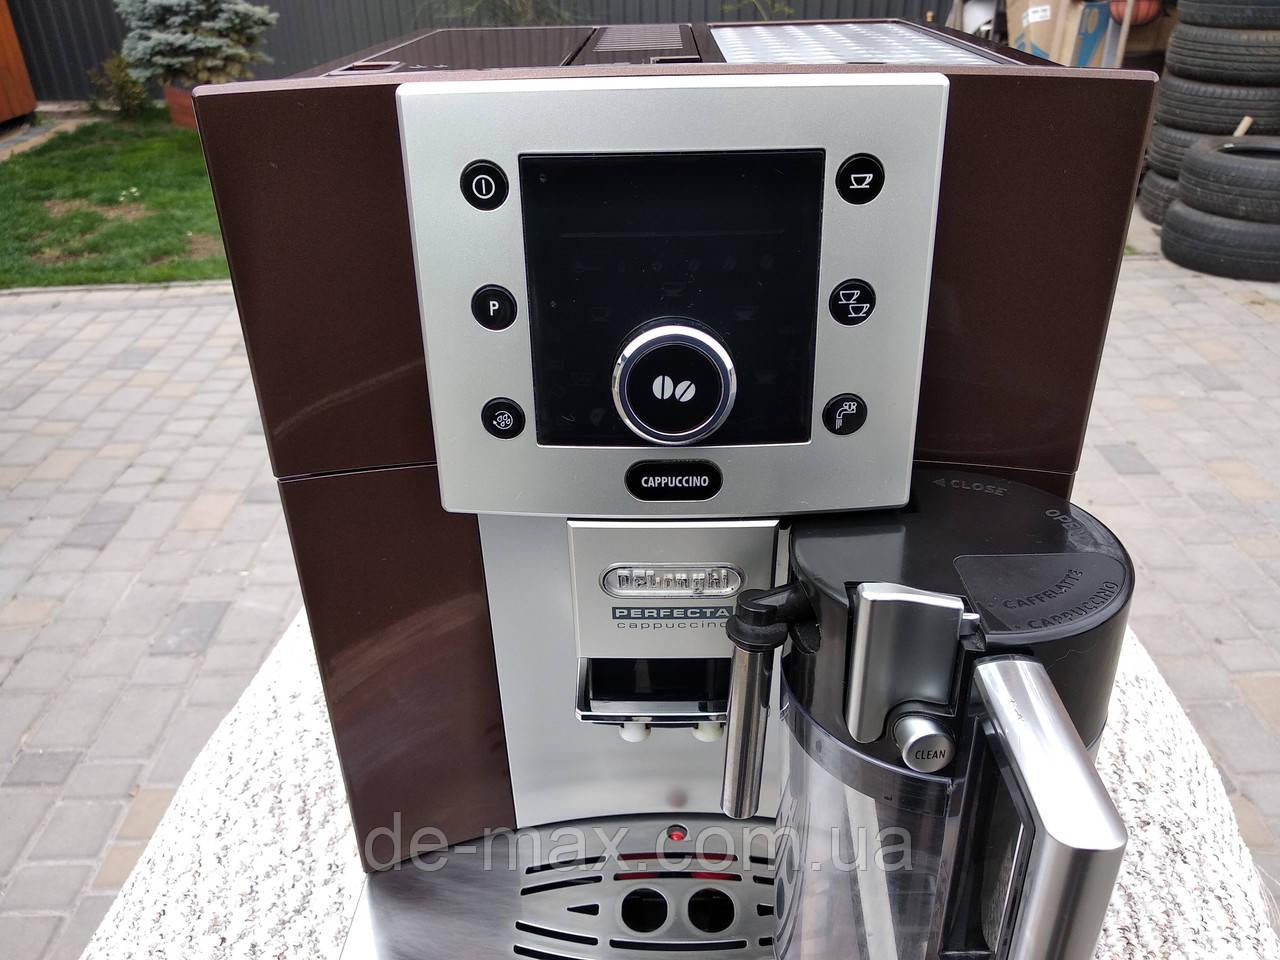 Кофемашина  Кофеварка Делонги Delonghi Esam 5500 Perfecta с молочником коричневая